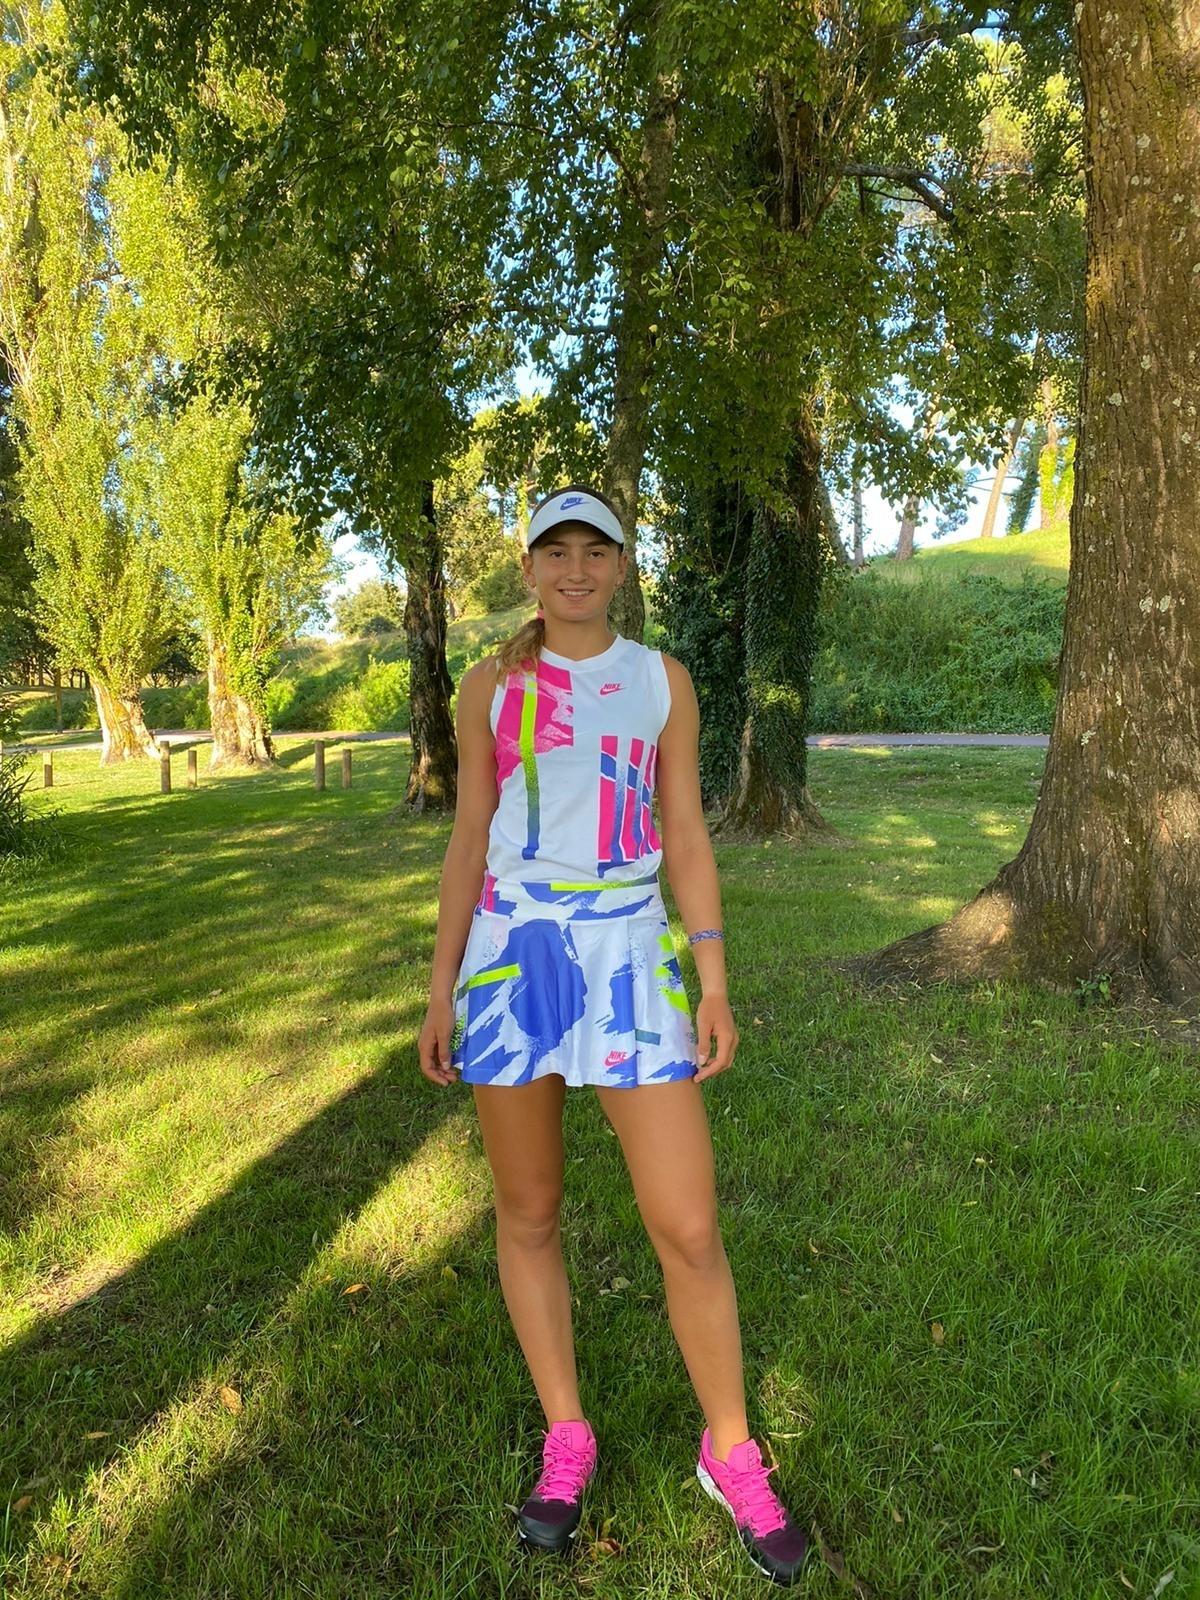 Vicky Jiménez, amb una vestimenta a l'estil André Agassi, a Melilla. Foto: Foto cedida per Joan Jiménez